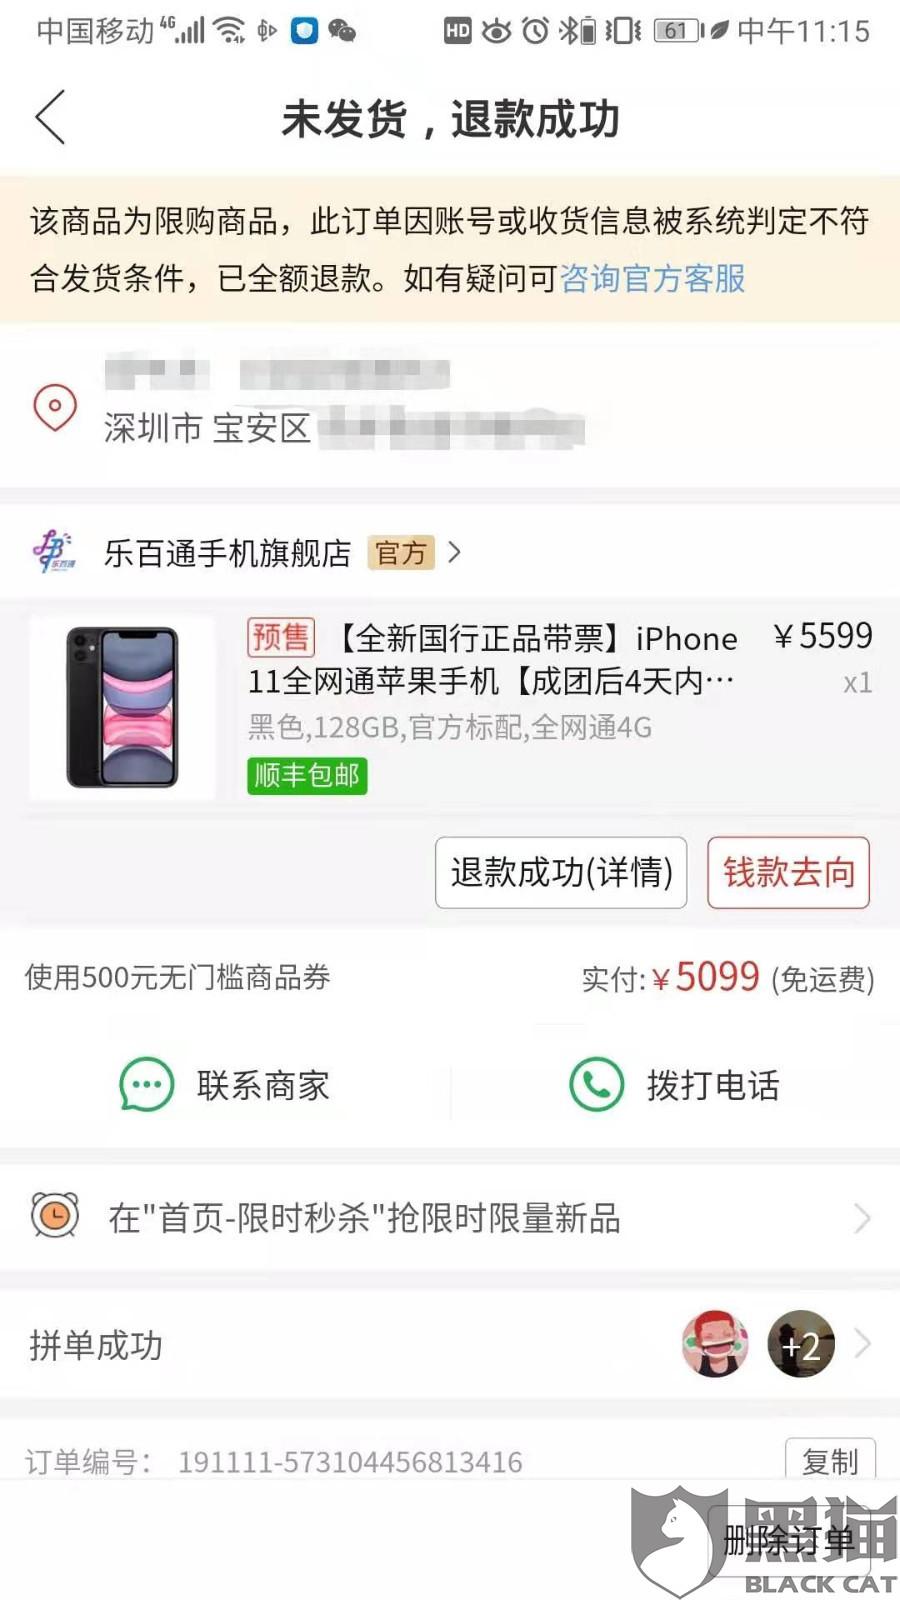 湖北手机靓号双十一在拼多多买iphone 11手机 付款成功后却被取消